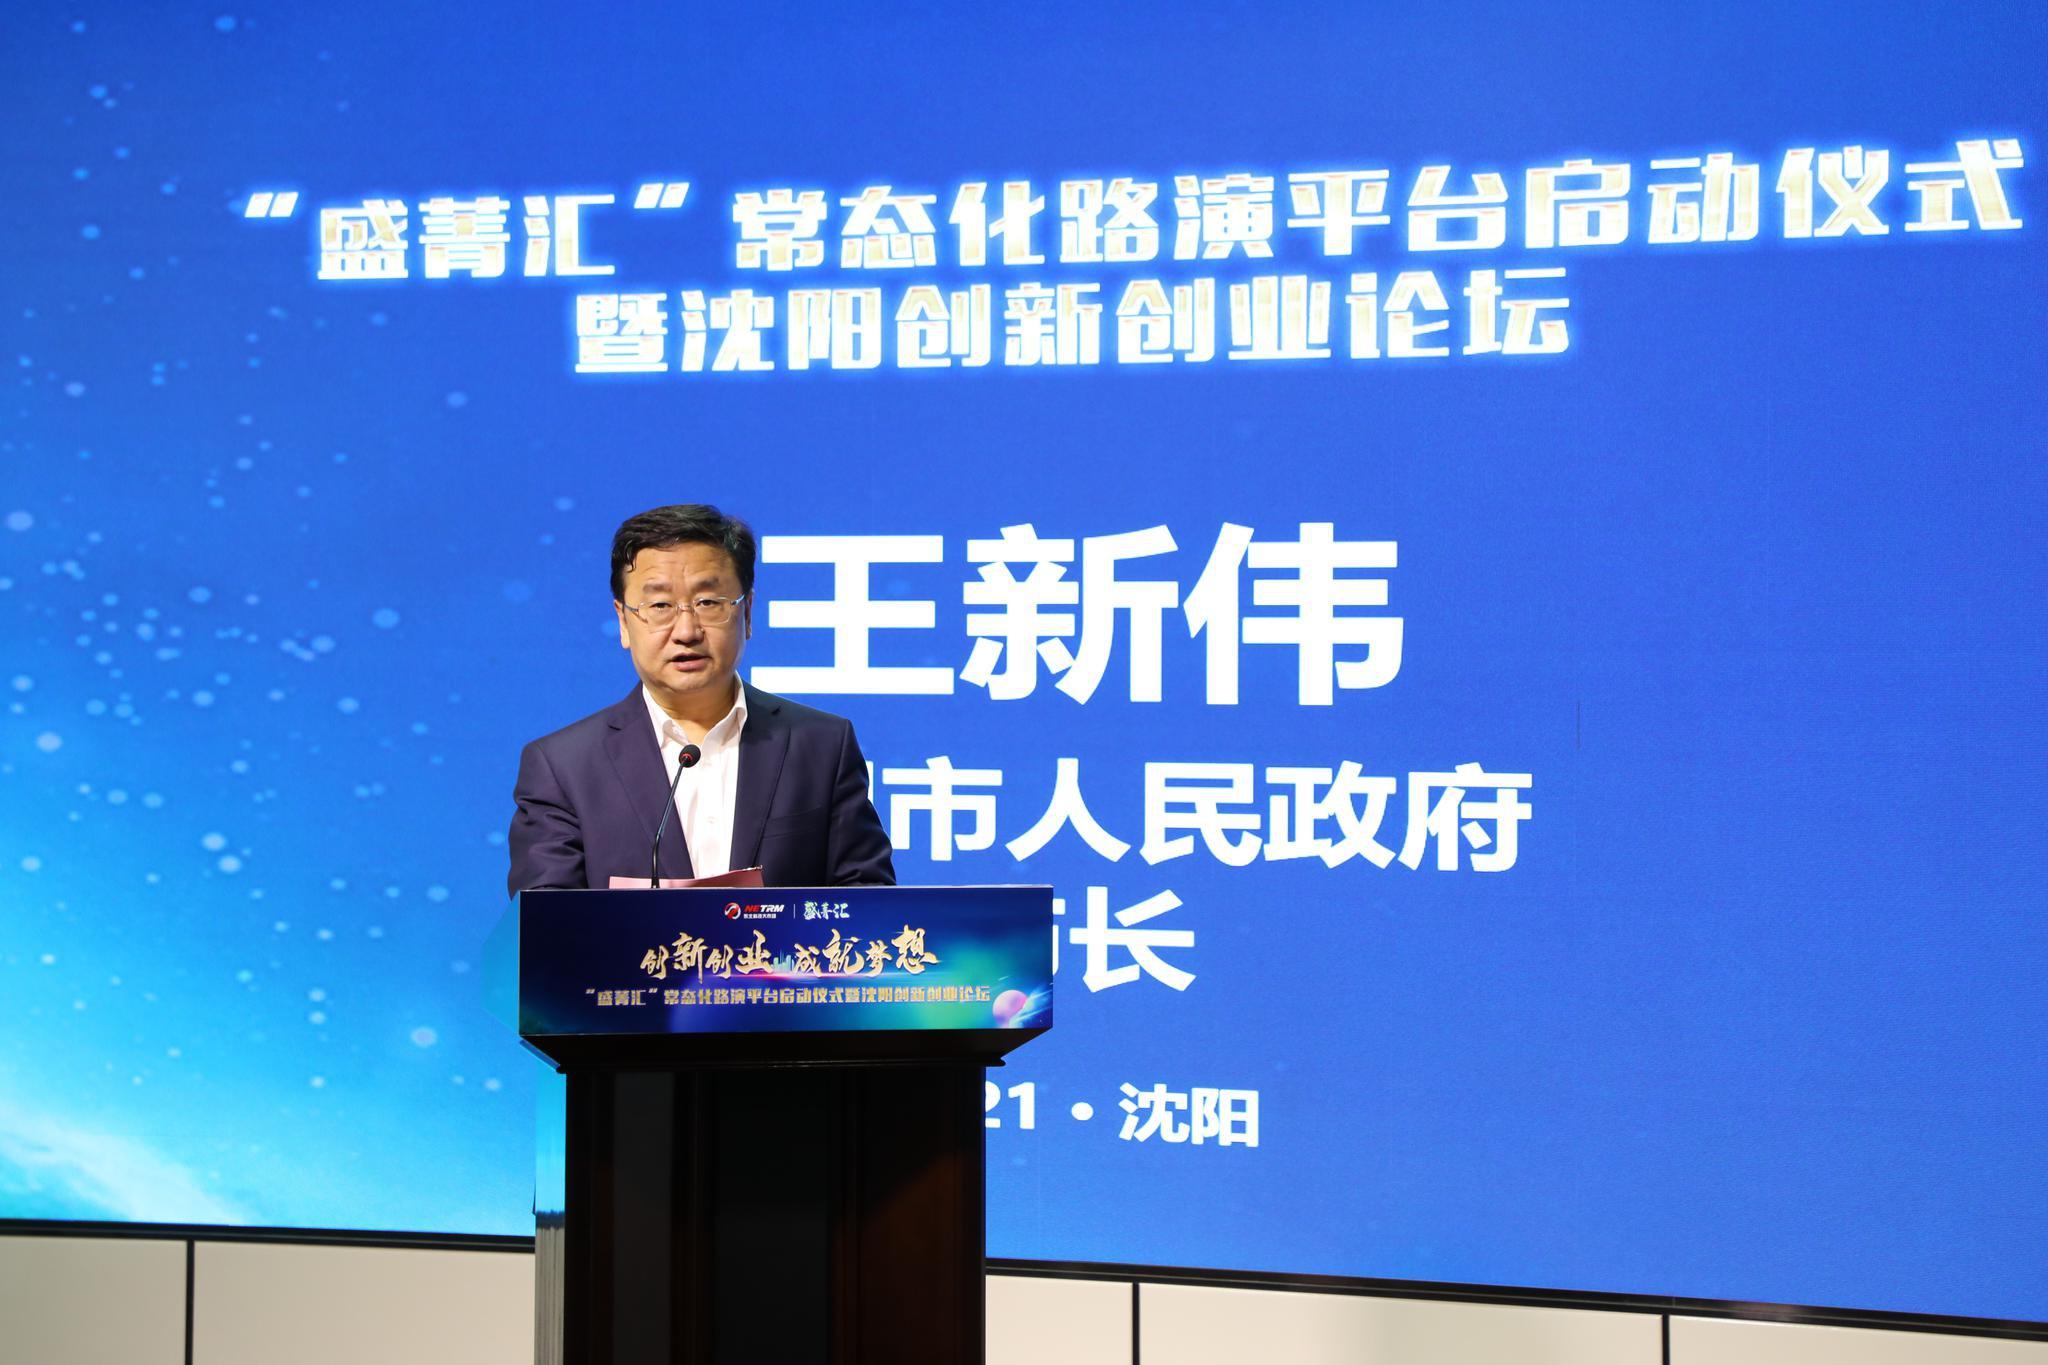 """""""盛菁汇""""常态化路演平台启动仪式在东北科技大市场成功举行"""